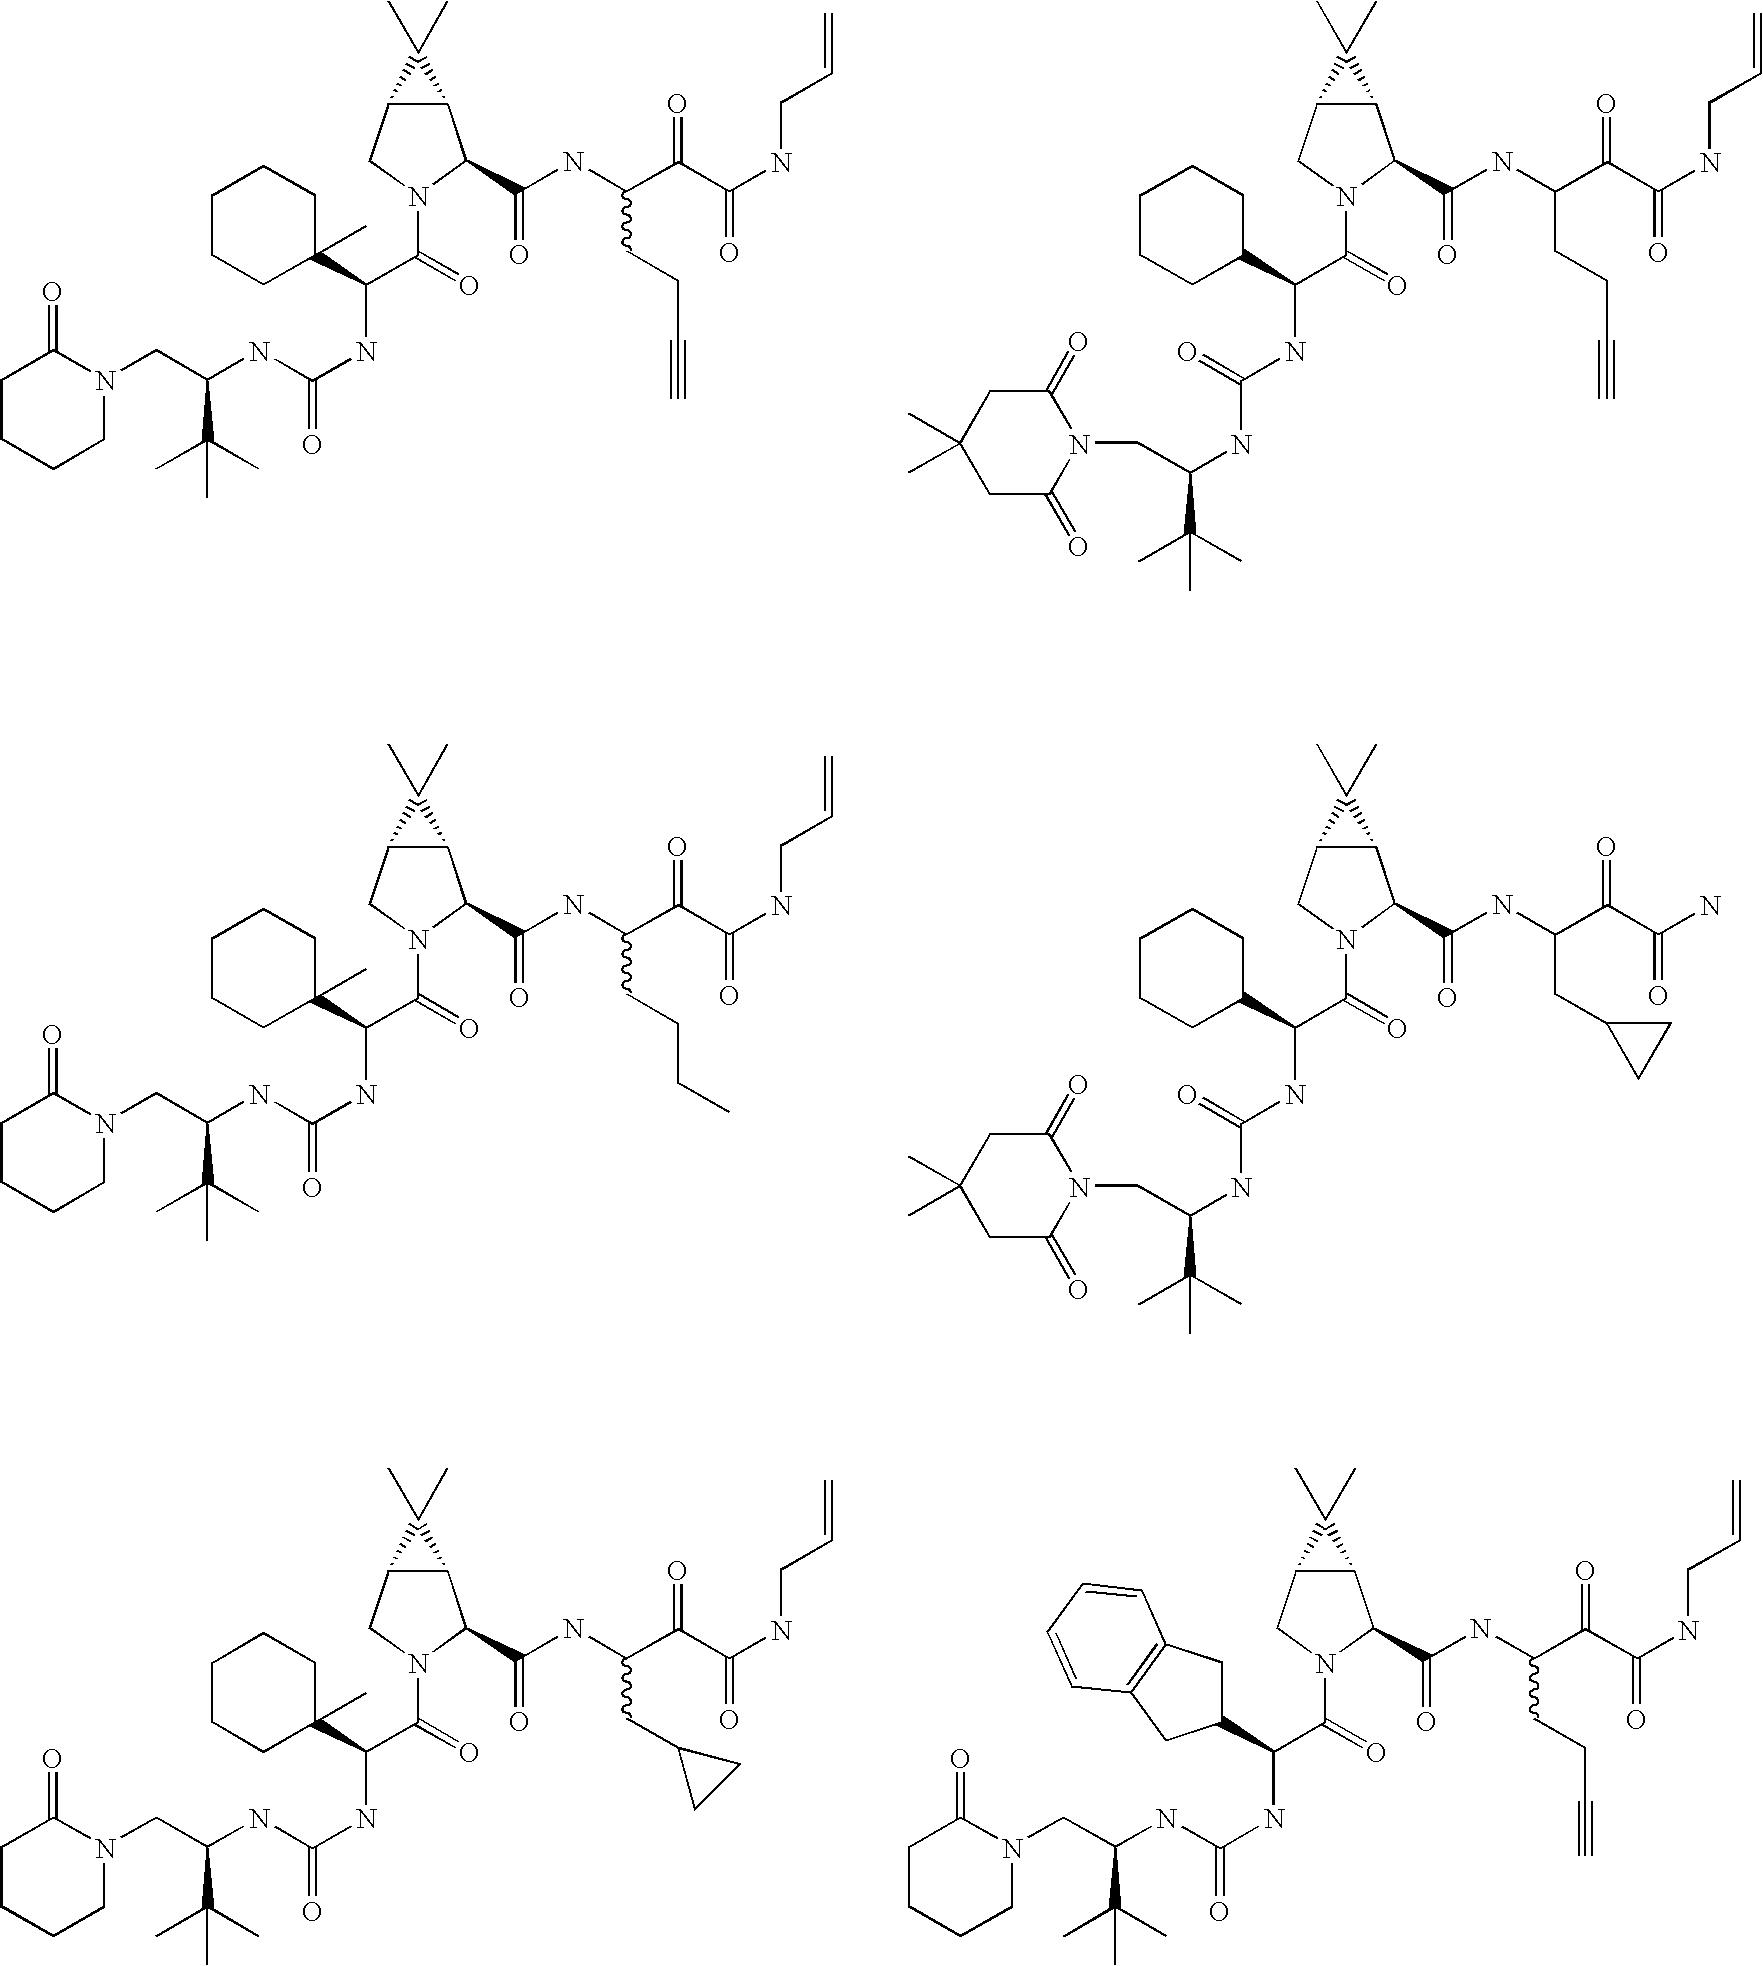 Figure US20060287248A1-20061221-C00433